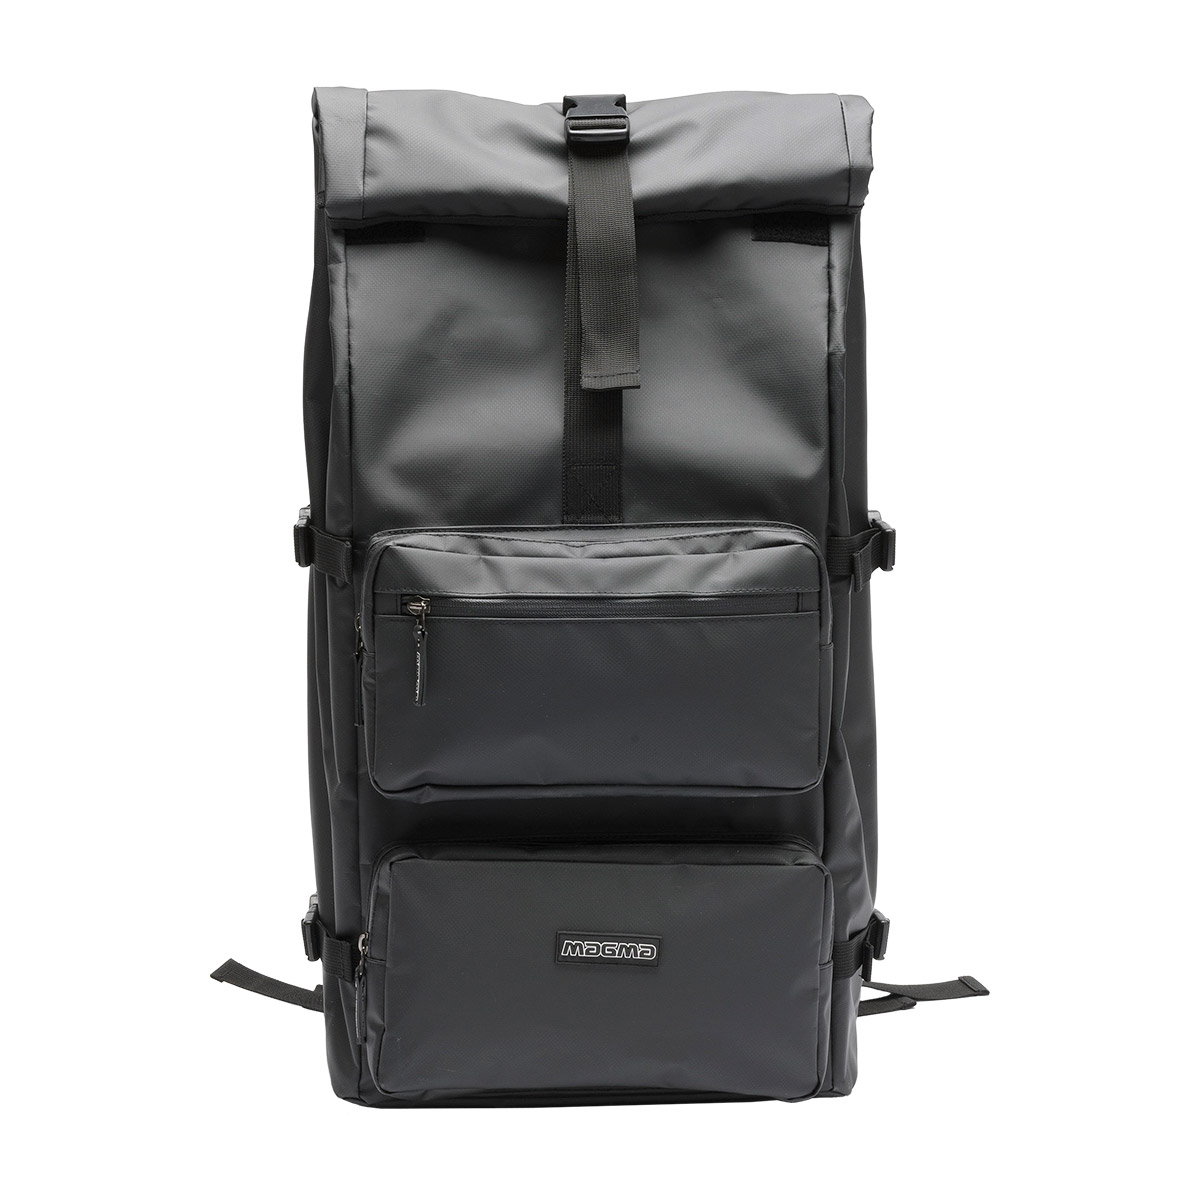 Rolltop Backpack III